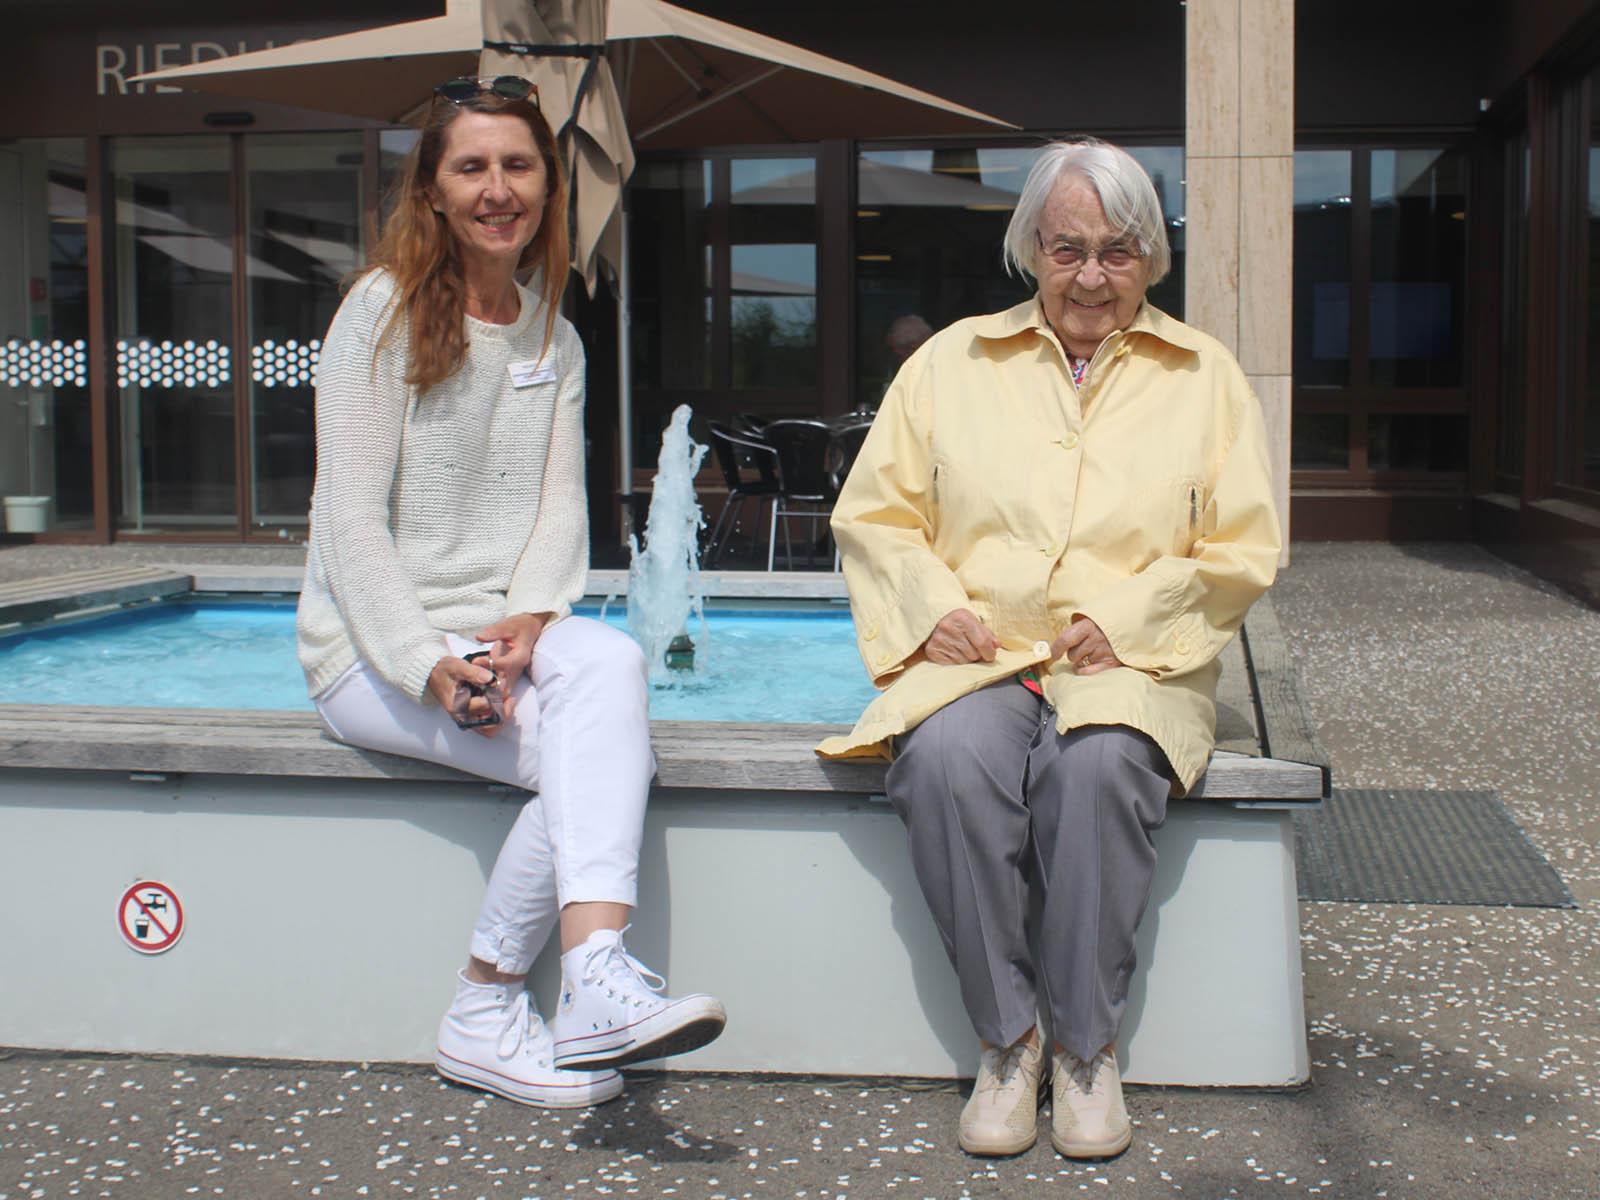 Erika Ehing und E. A. geniessen die Sonne auf der Riedhofterrasse trotz der Krise.